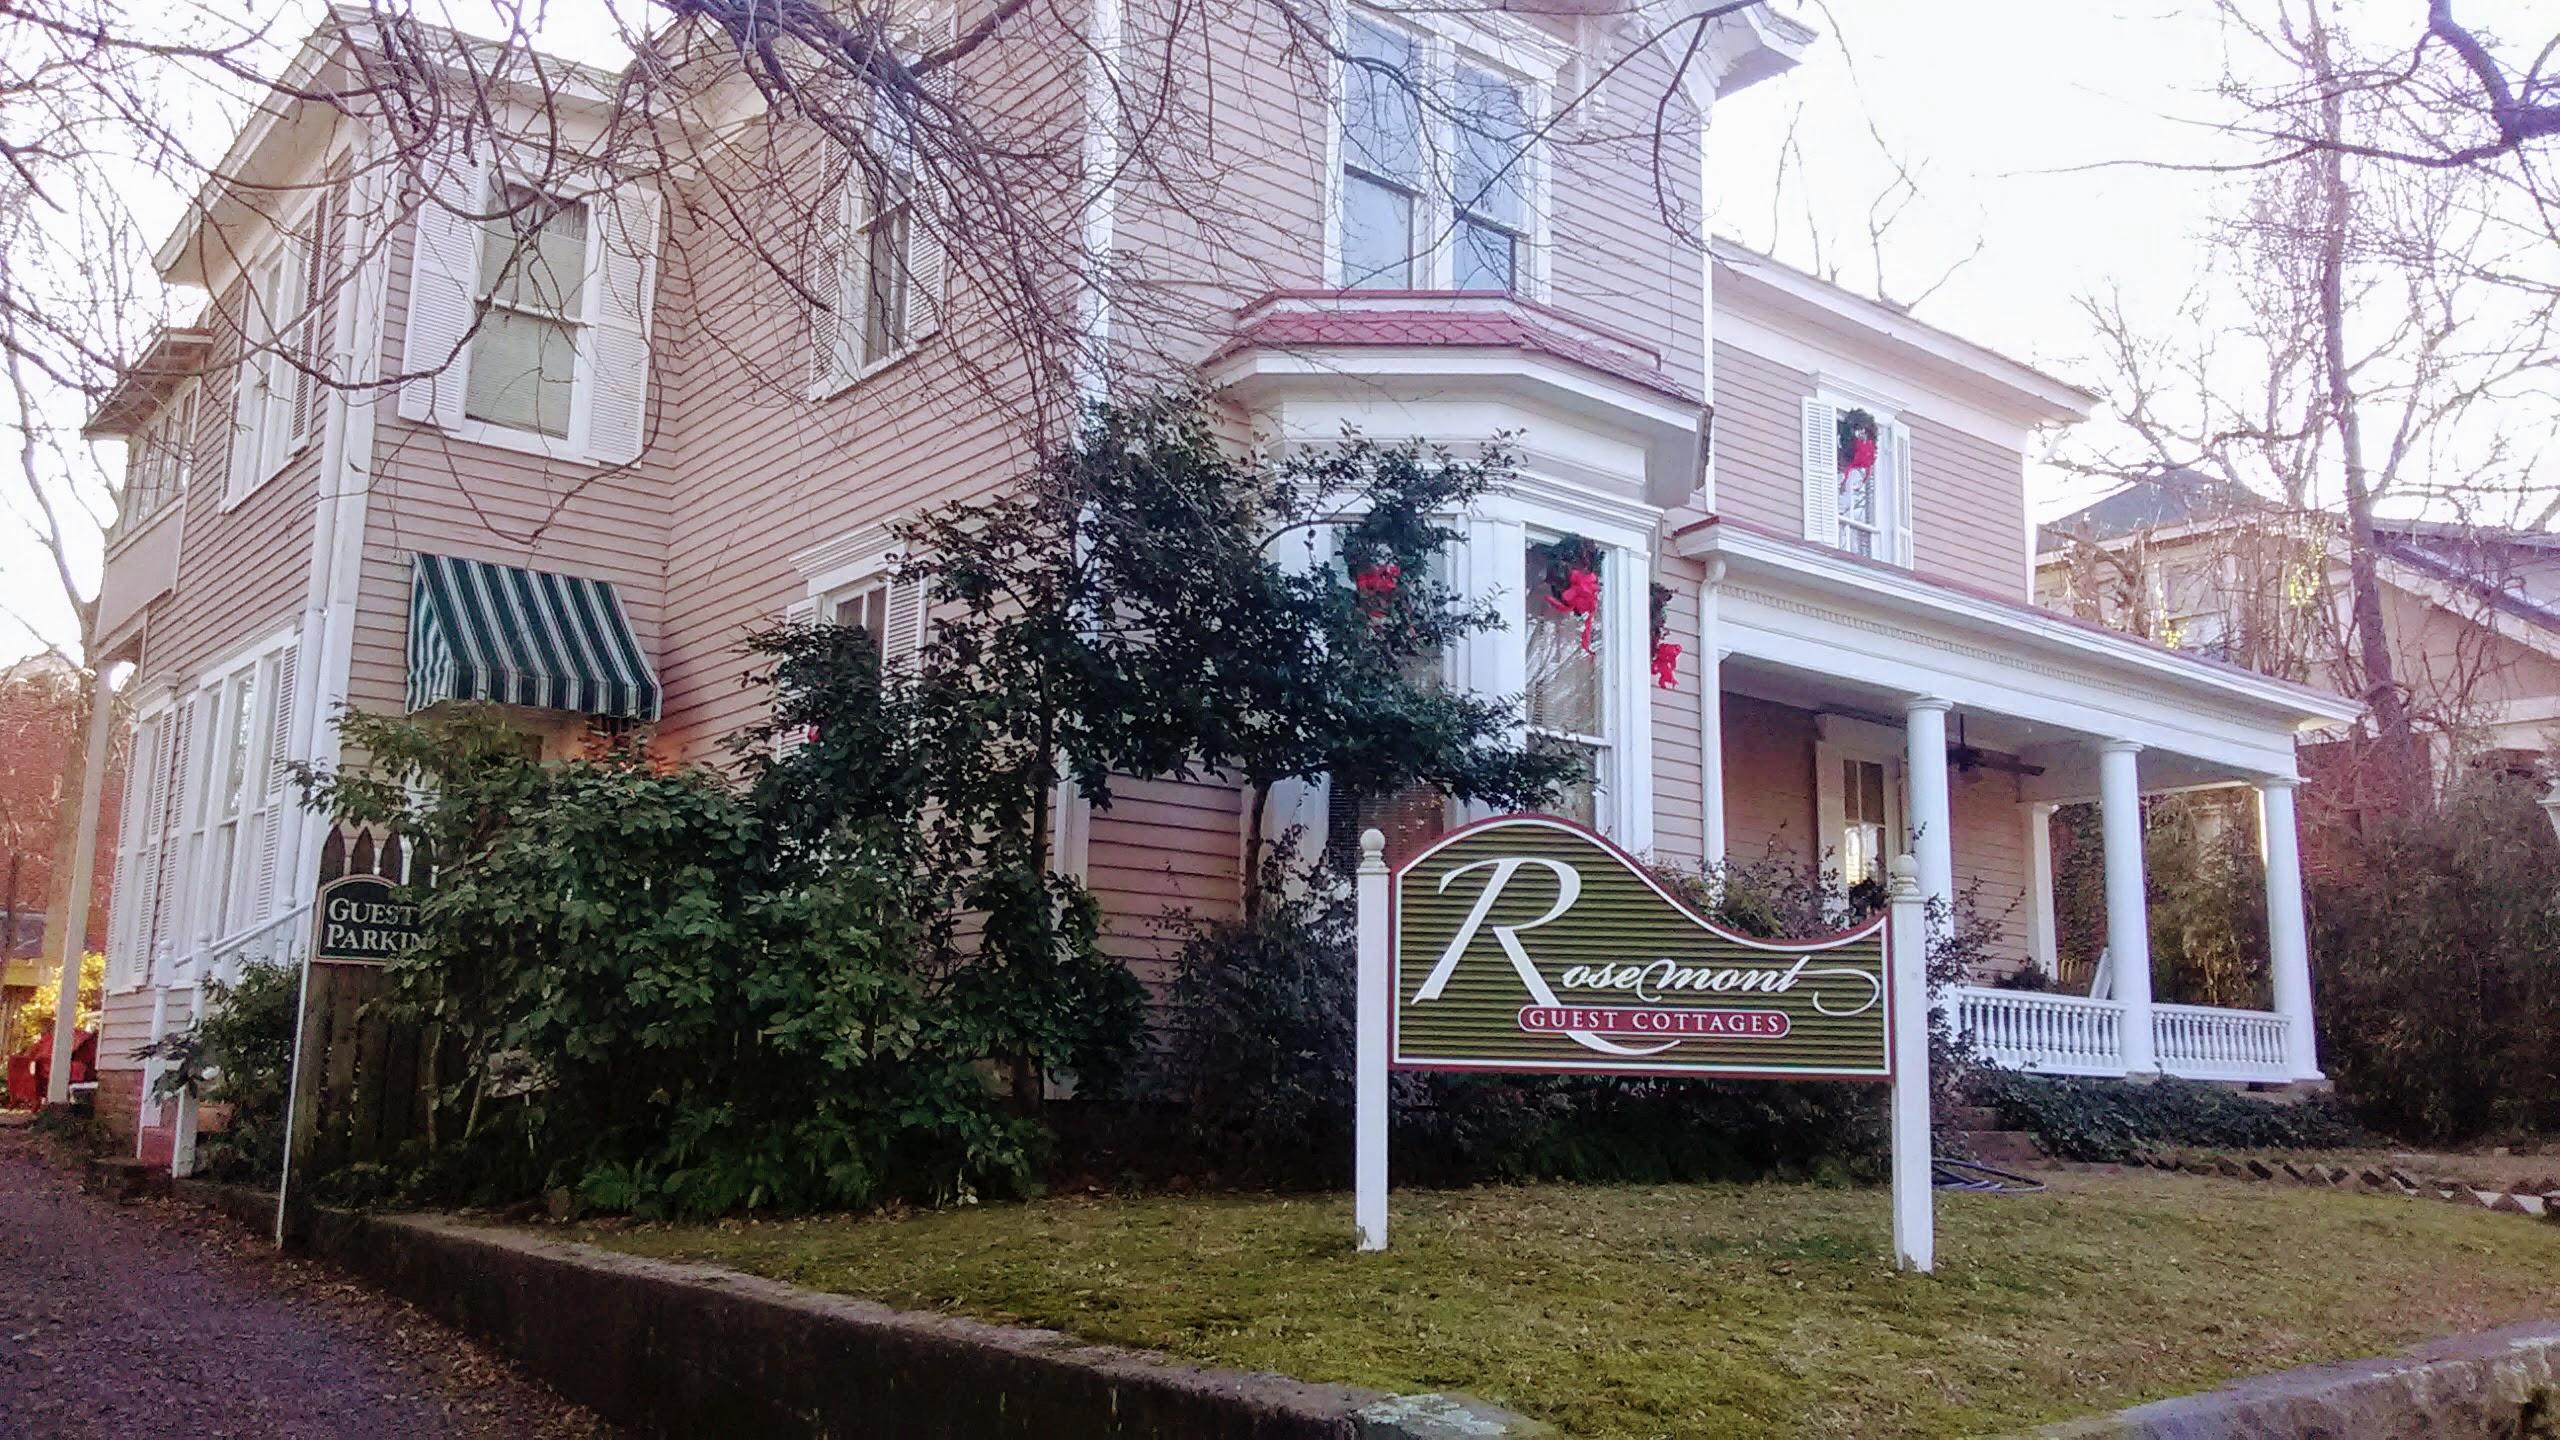 Rosemount Inn